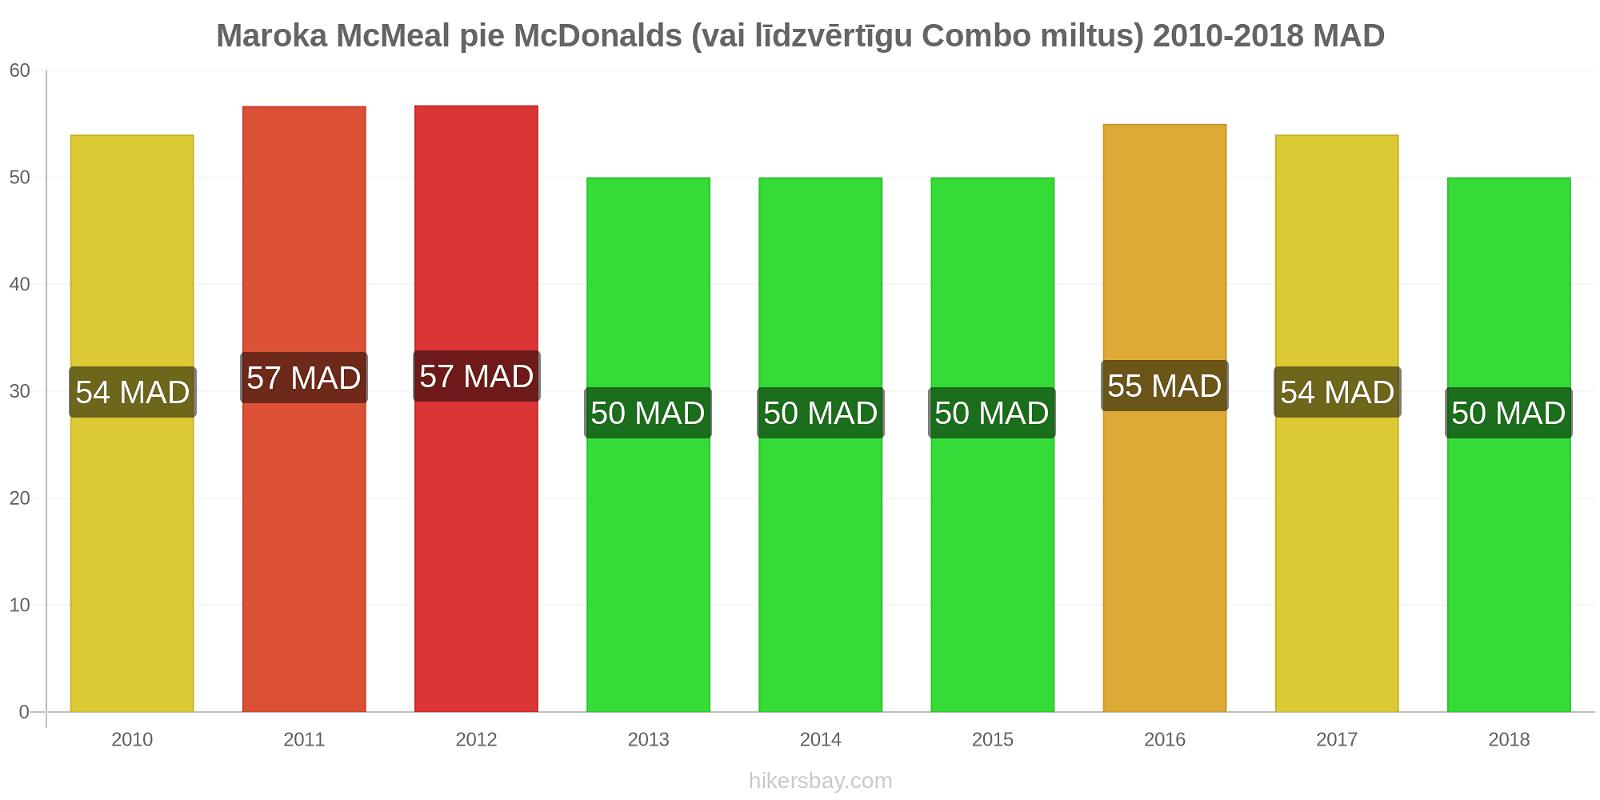 Maroka cenu izmaiņas McMeal pie McDonalds (vai līdzvērtīgu Combo miltus) hikersbay.com